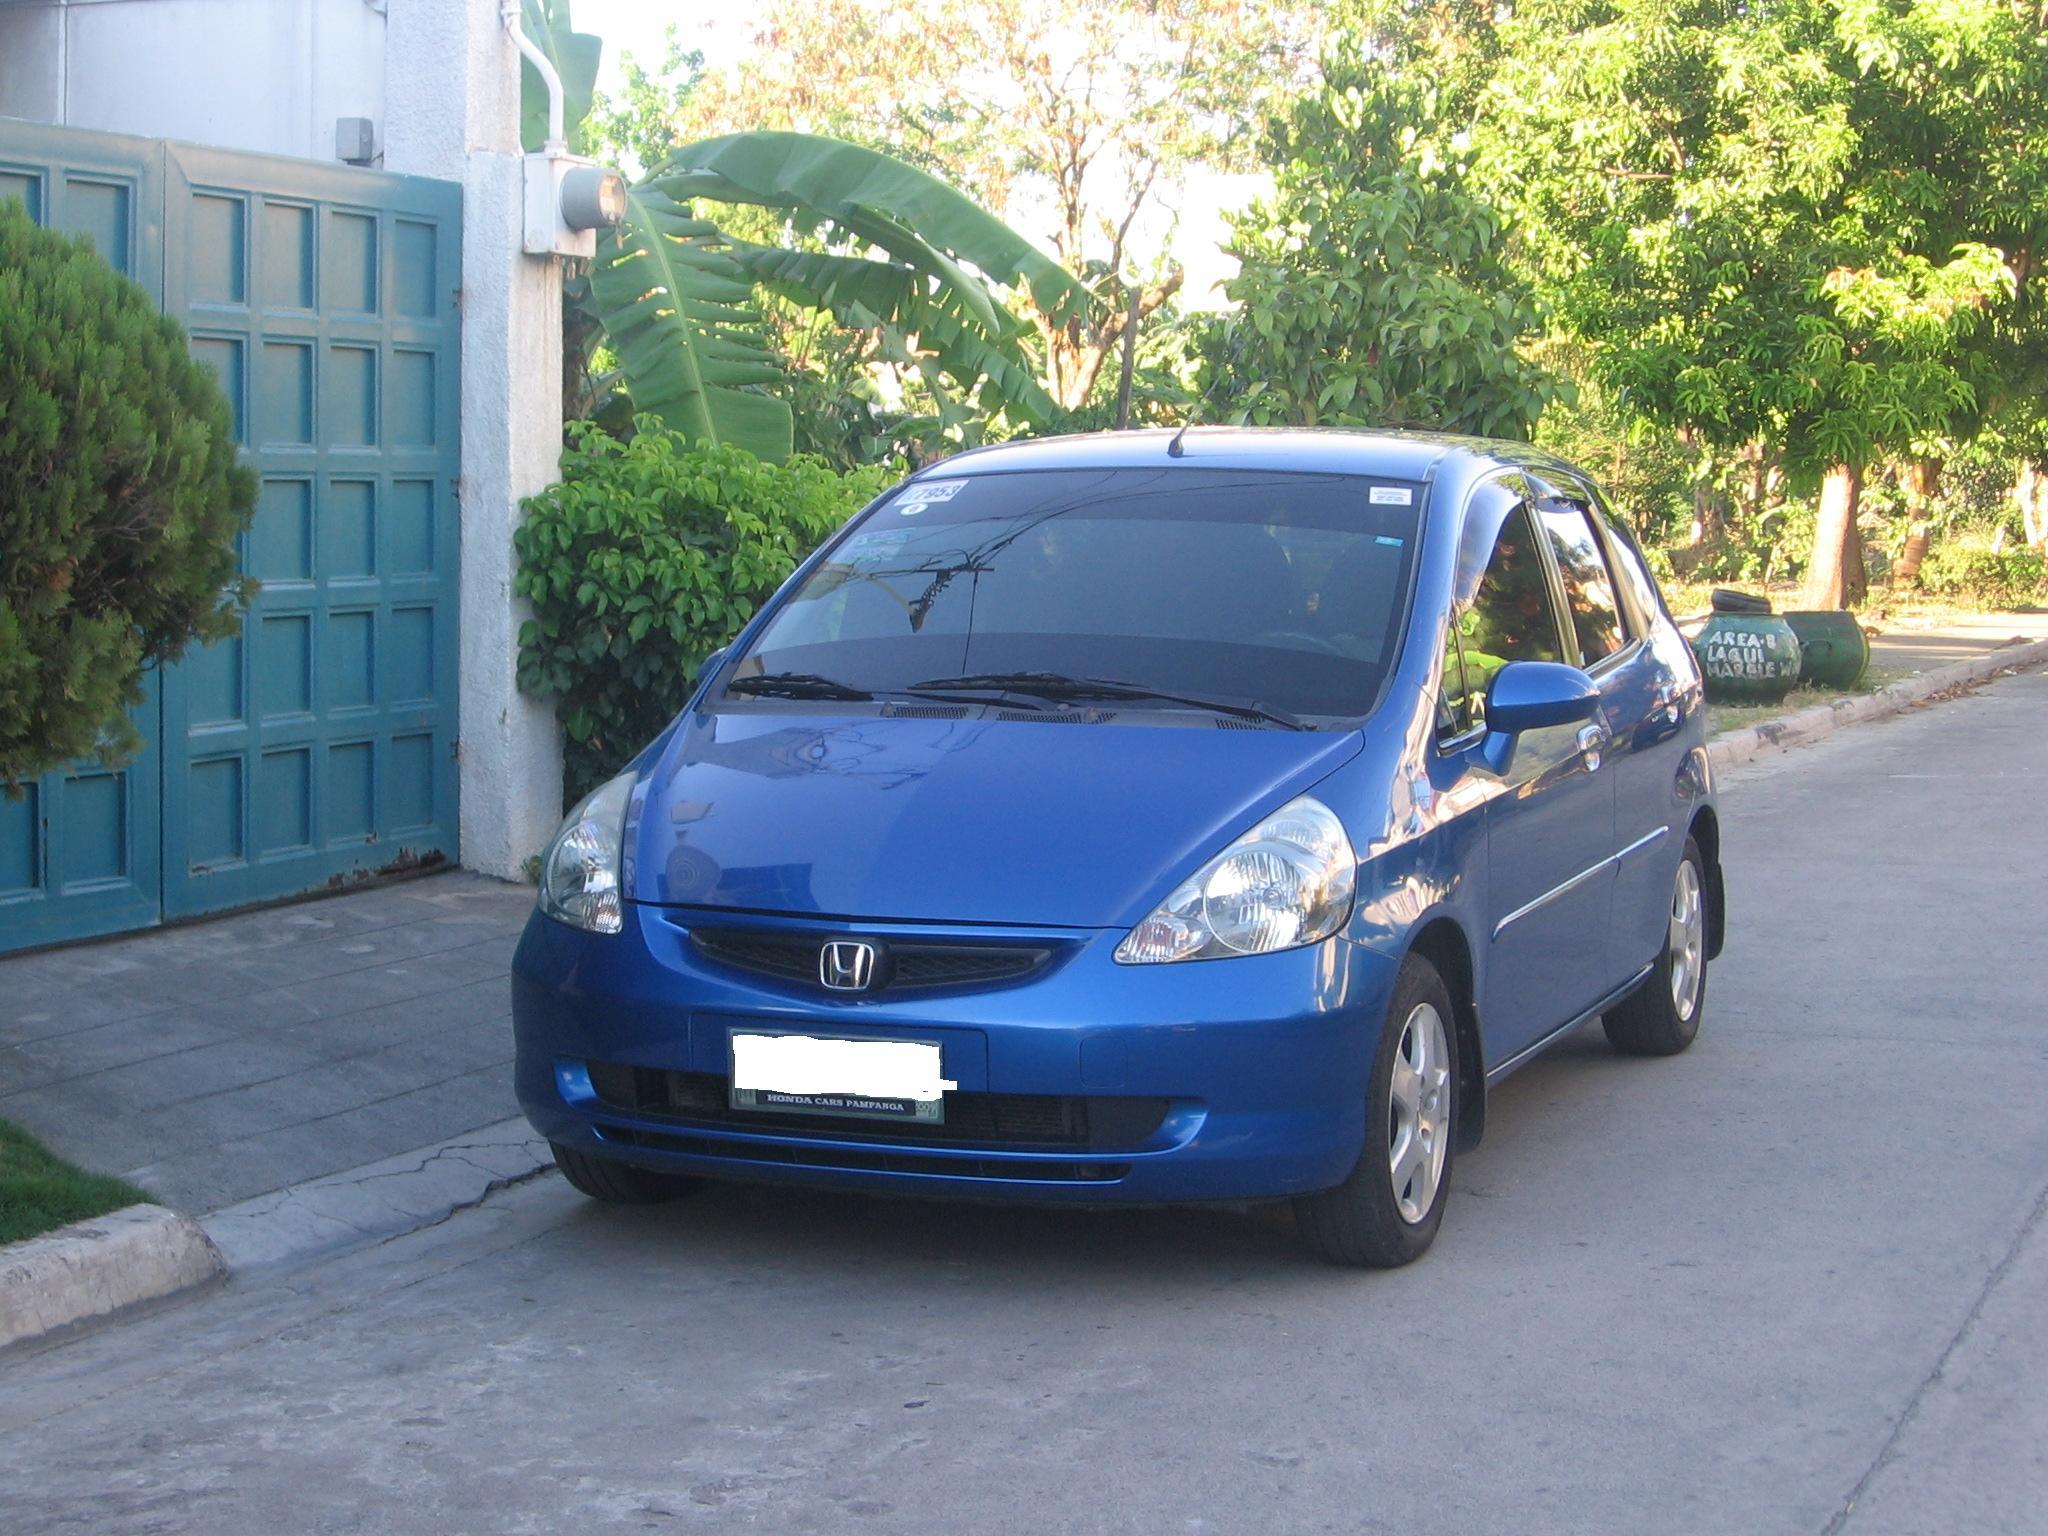 Kelebihan Honda Jazz 2004 Murah Berkualitas